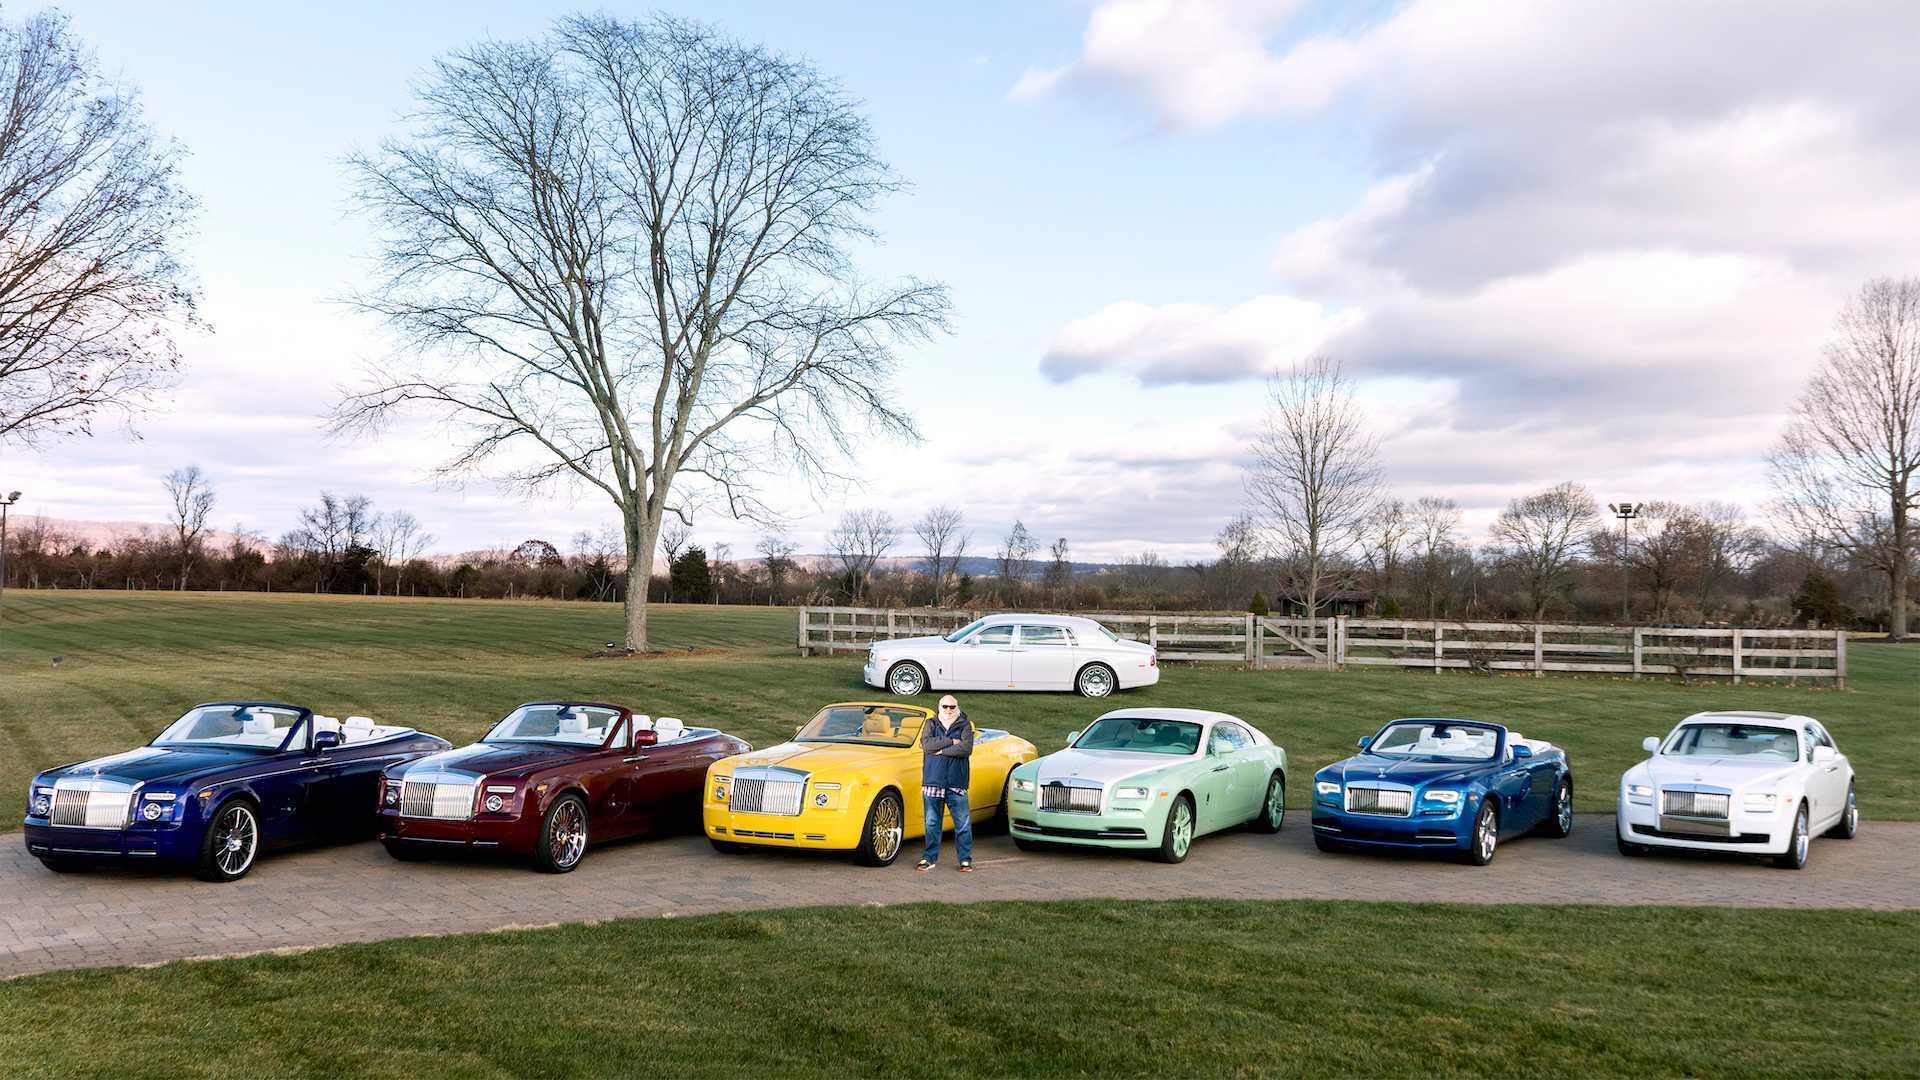 Đại gia sở hữu 10 siêu xe Rolls-Royce màu độc, đặt theo tên mình-2